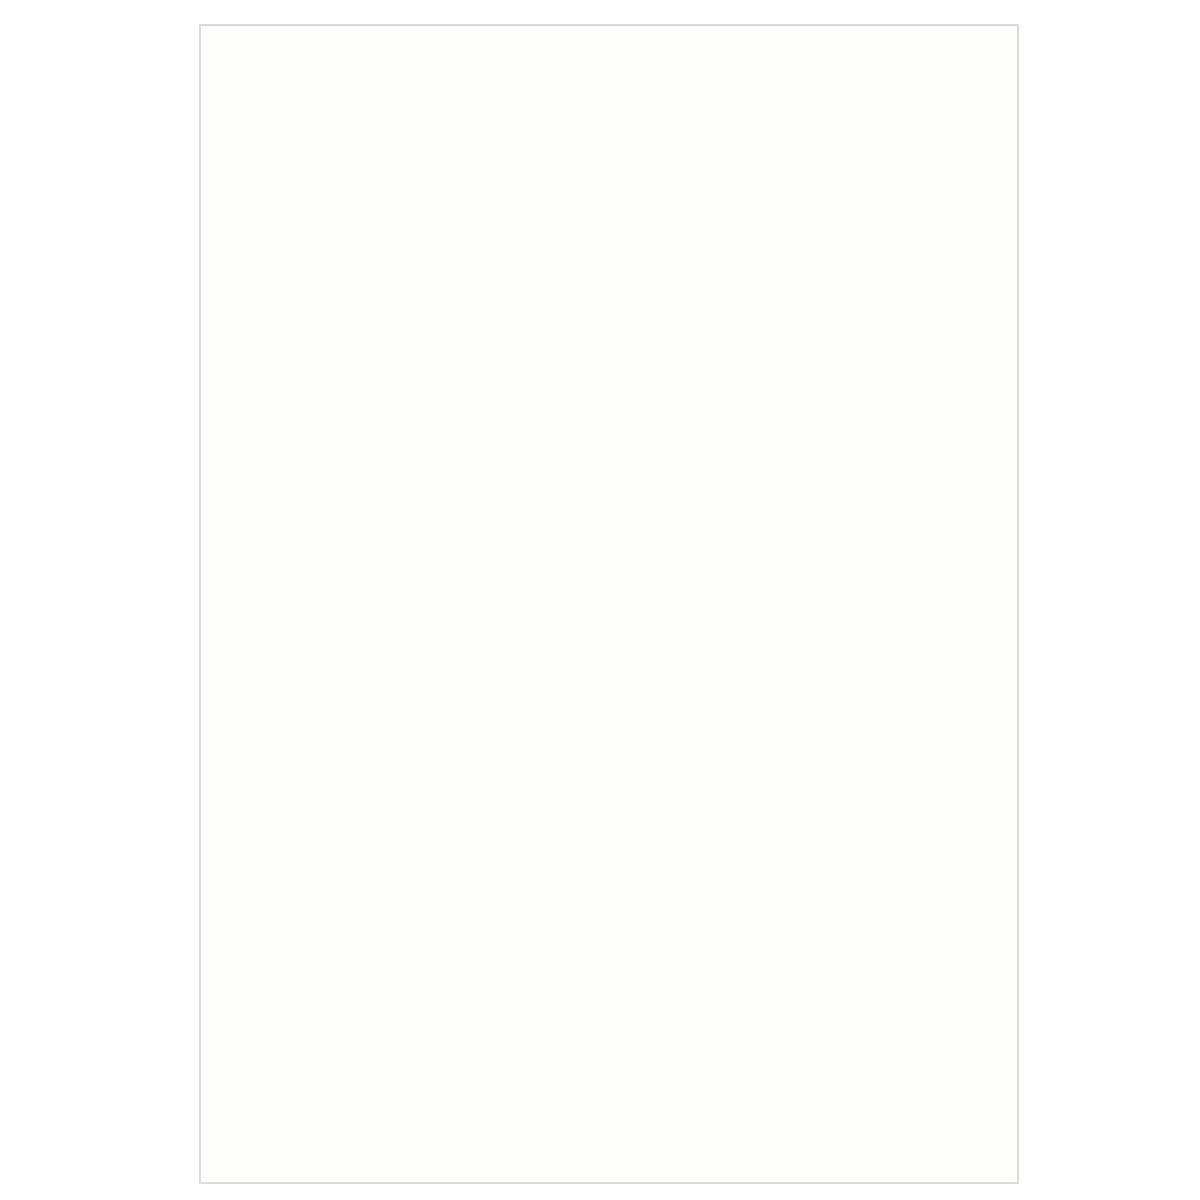 Высококачественная чистоцеллюлозная бумага подходит как для работы тушью, так и карандашами в диапазоне жесткости  7Н-6В, допускает пользование ластиком. Поверхность бумаги после многократных подчисток ластиком не скатывается под карандашом и сохраняет свою белизну. Картонная папка надежно защитит листы от повреждений.